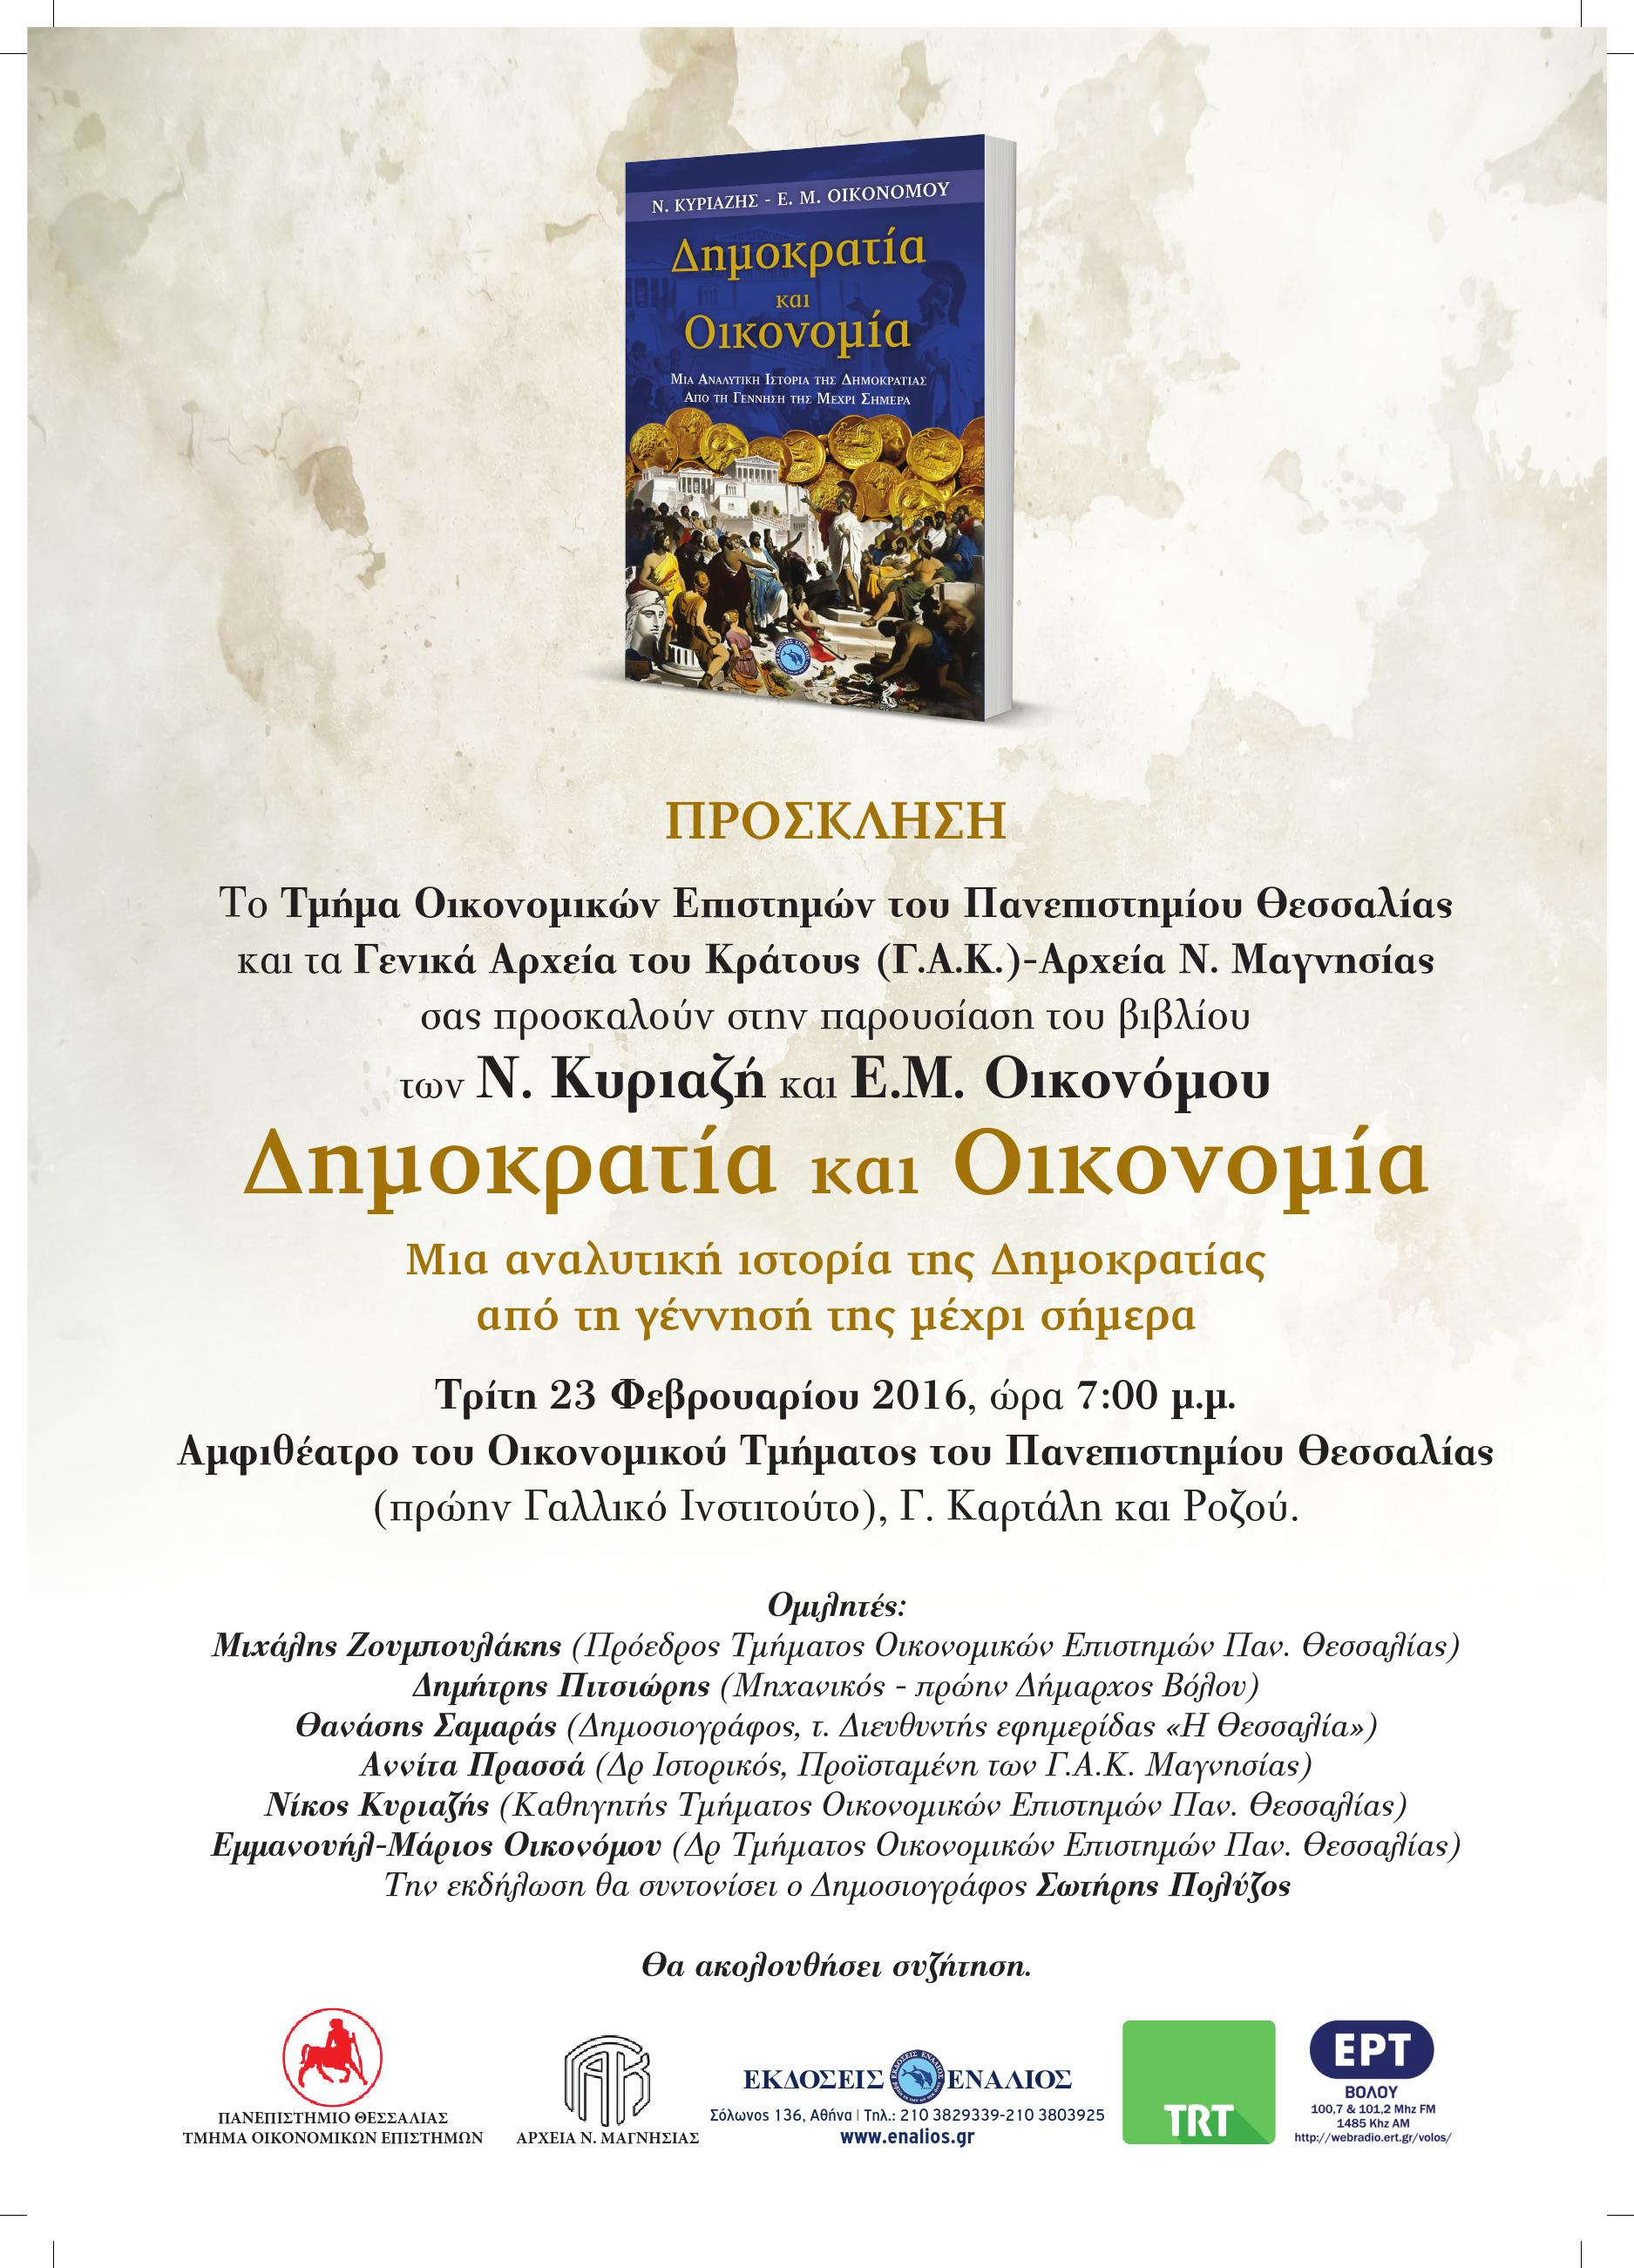 """Παρουσίαση Βιβλίου """"Δημοκρατία και Οικονομία"""""""